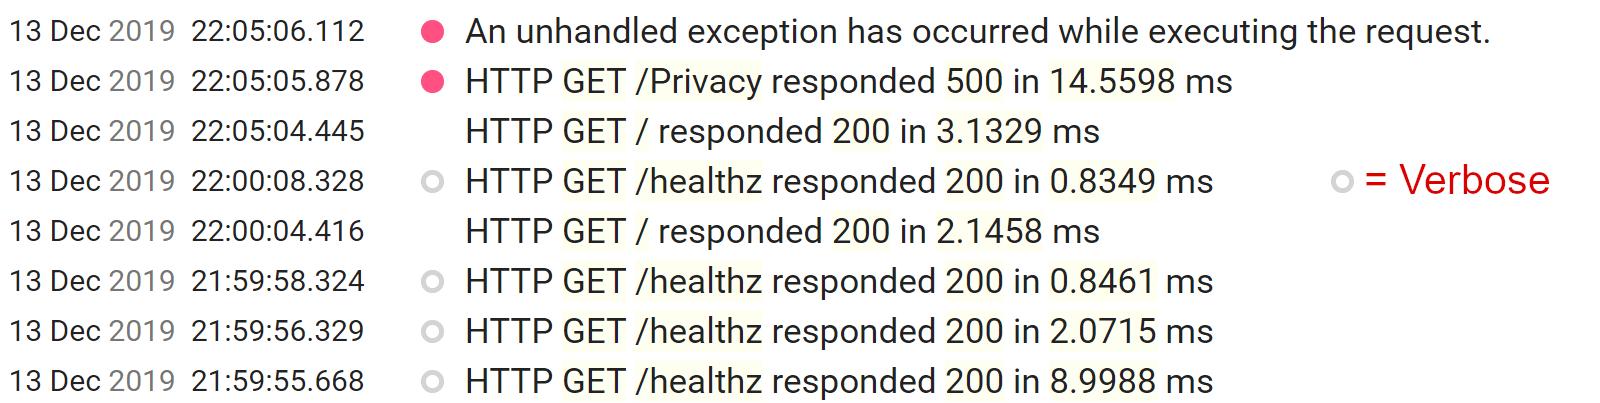 Seq屏幕截图显示了使用详细级别的运行状况检查请求